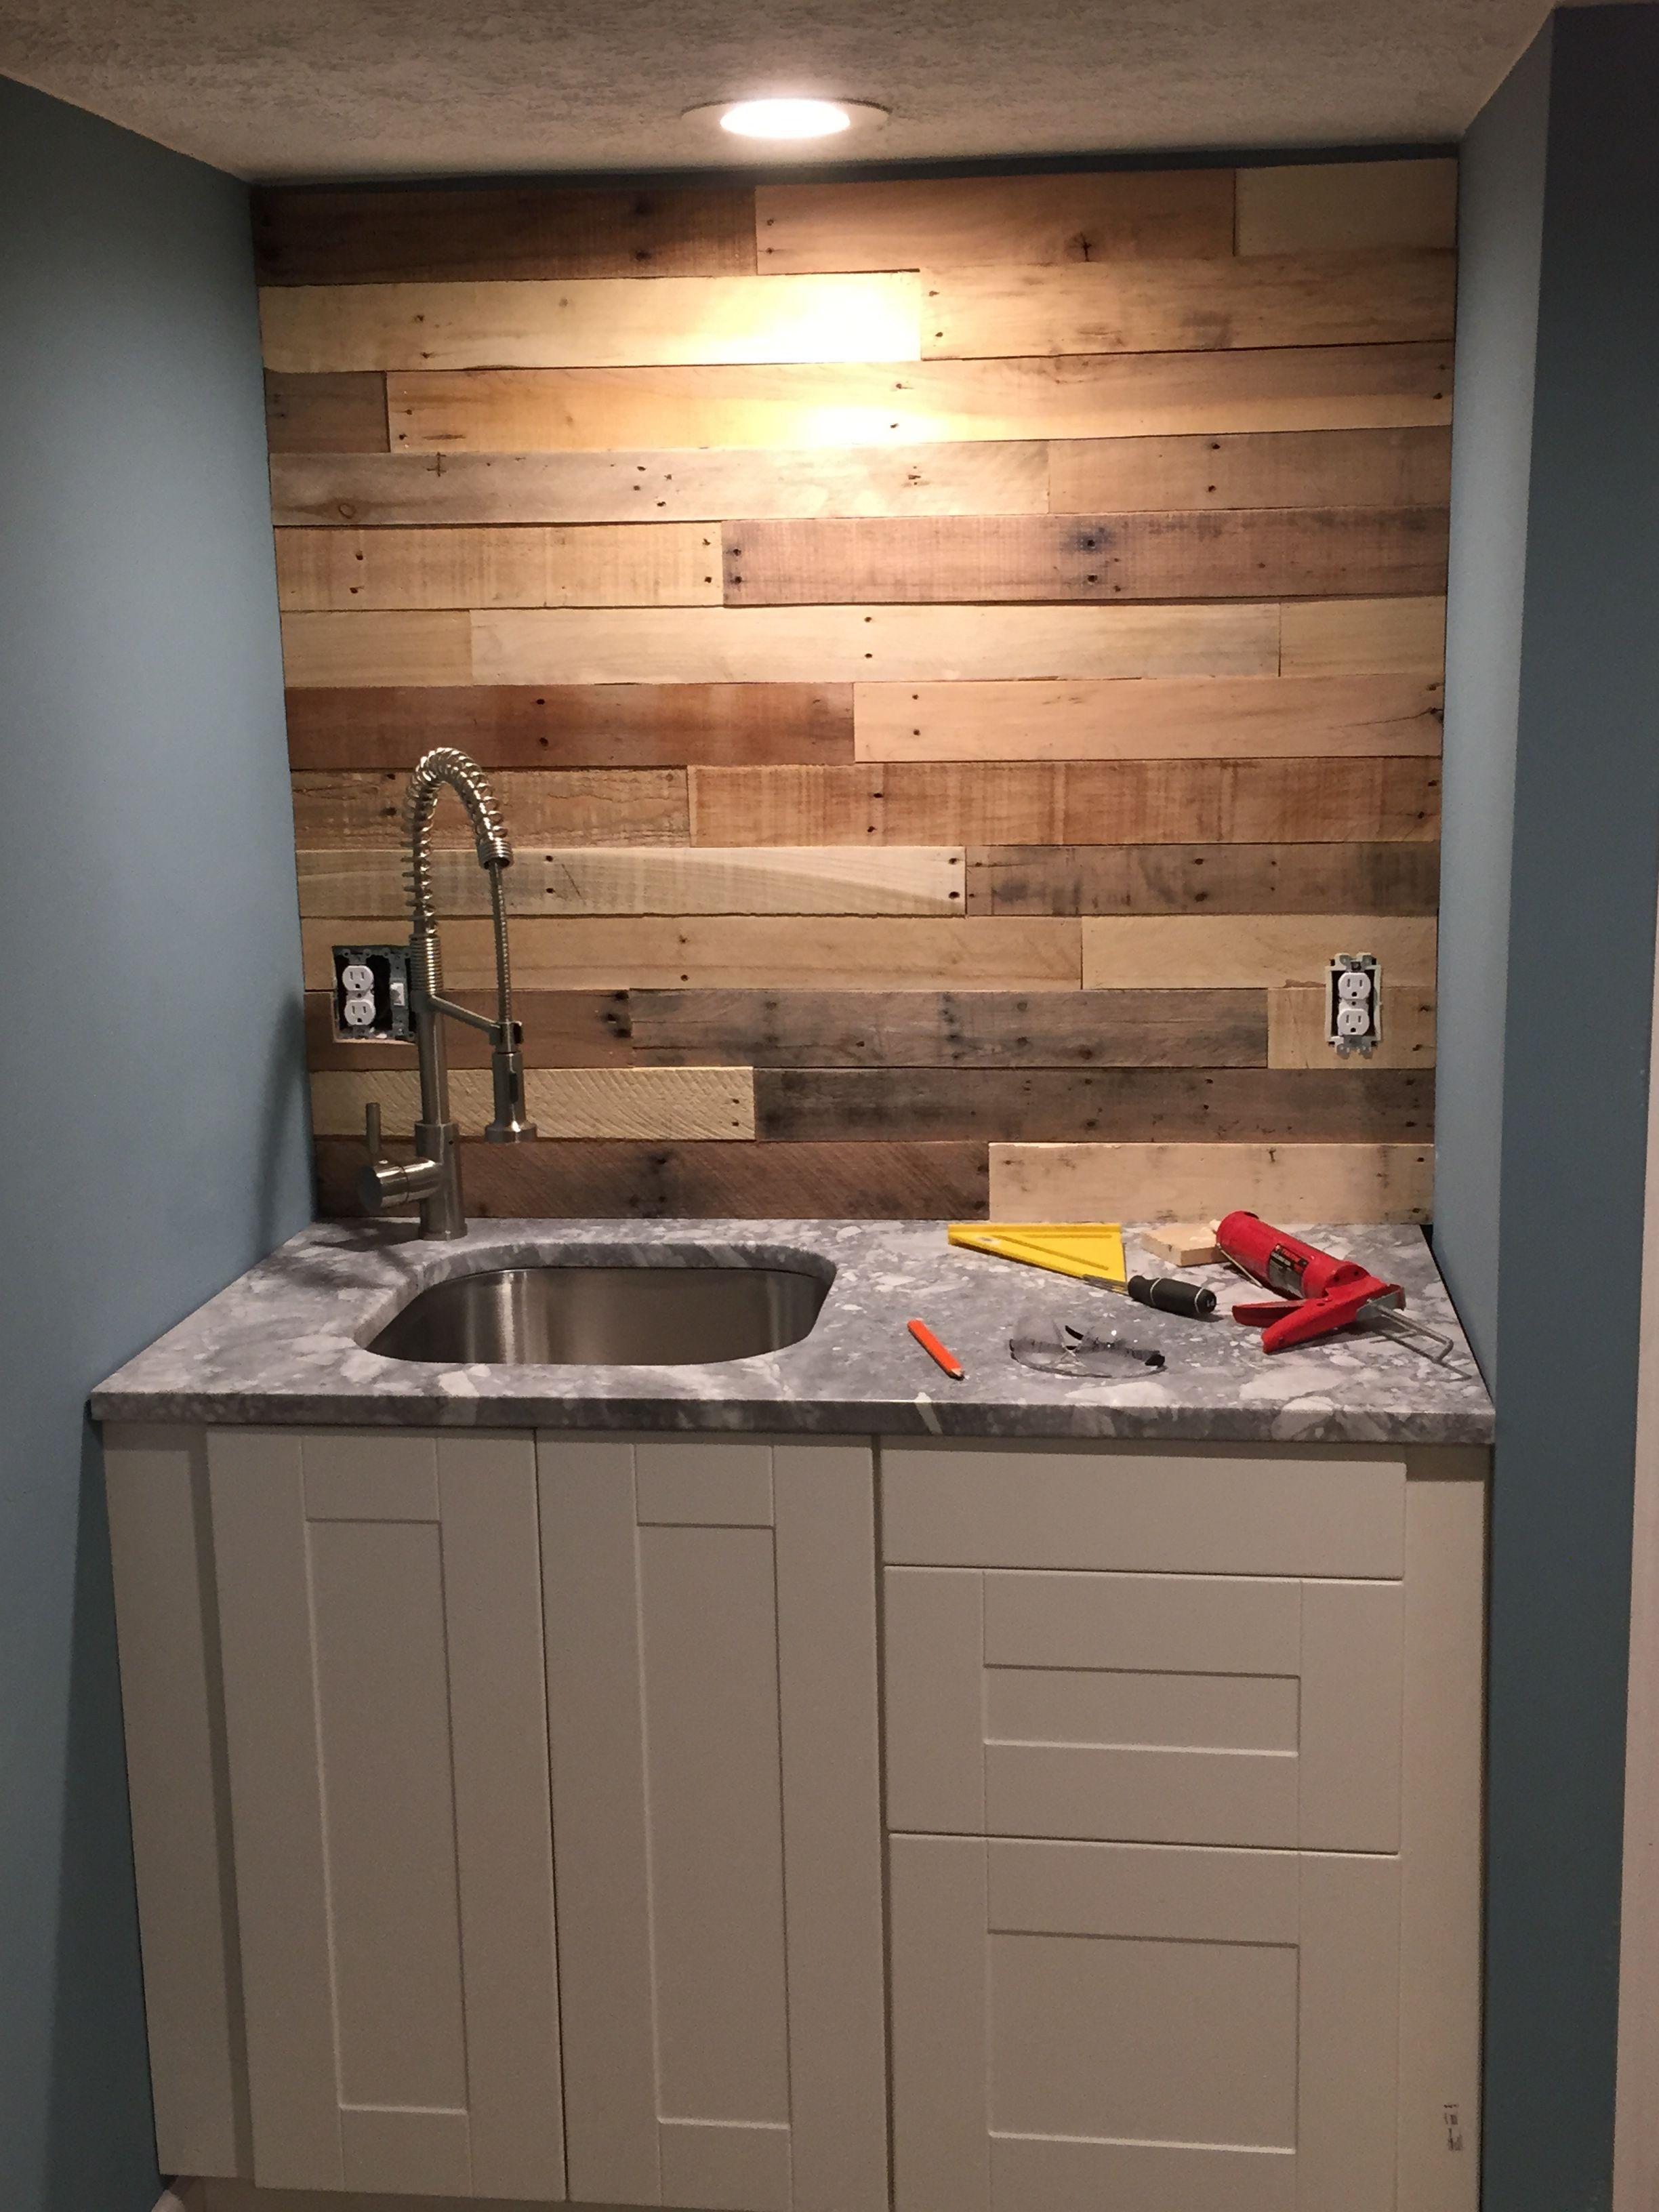 Pallet Wood Back Splash Pallet Backsplash Wood Backsplash Updated Kitchen